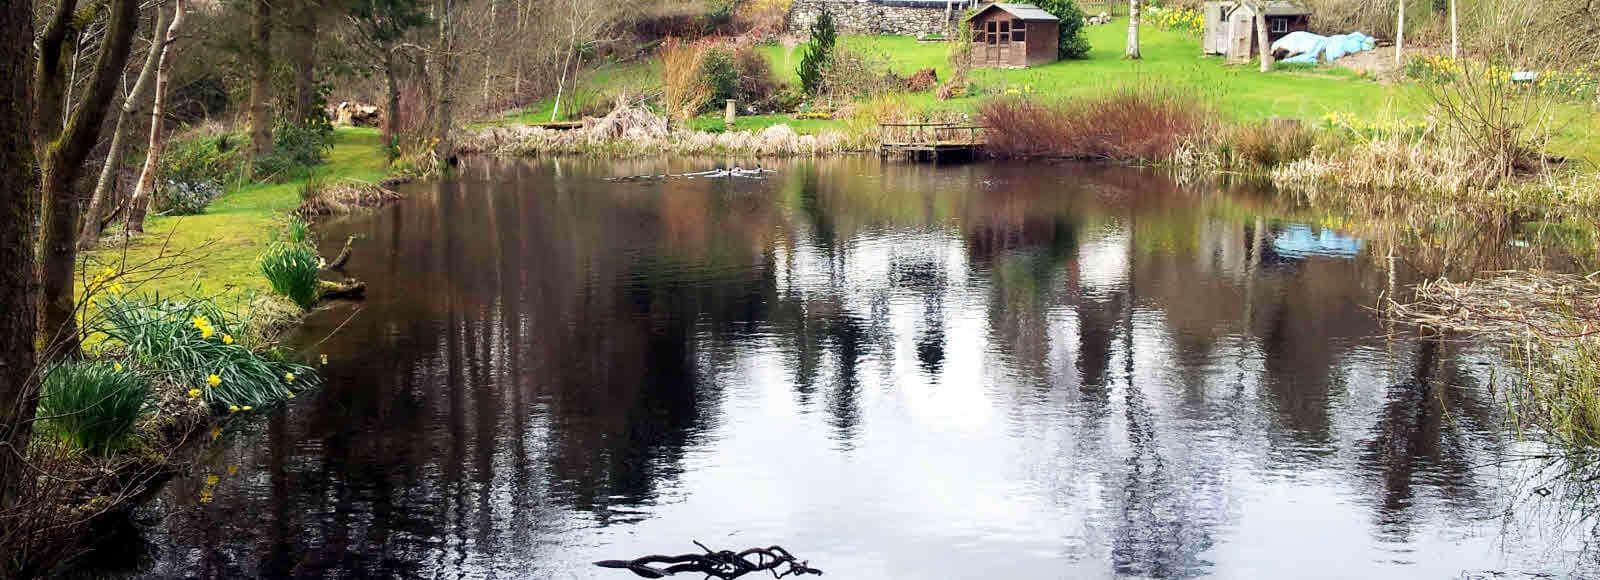 Fishing At Hotel Pen Y Dyffryn Country Hotel In Shropshire